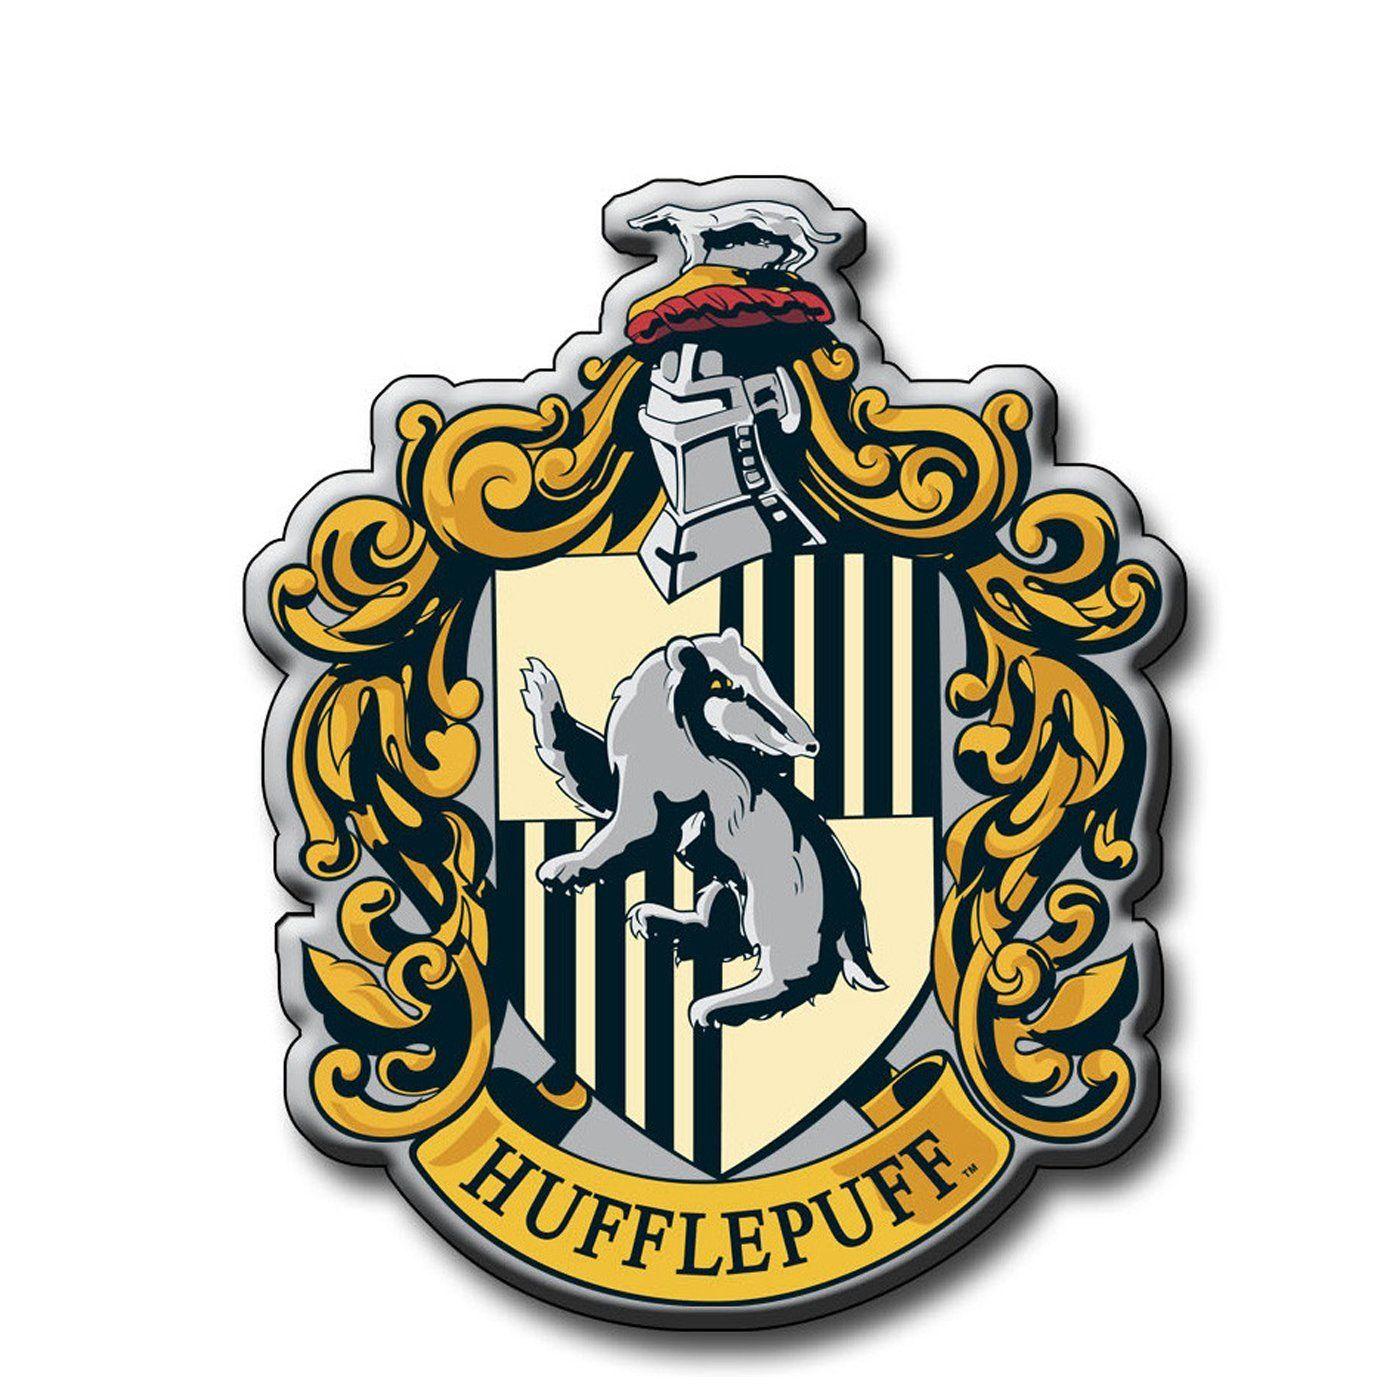 Harry potter hufflepuff crest magnet - Gryffindor crest high resolution ...